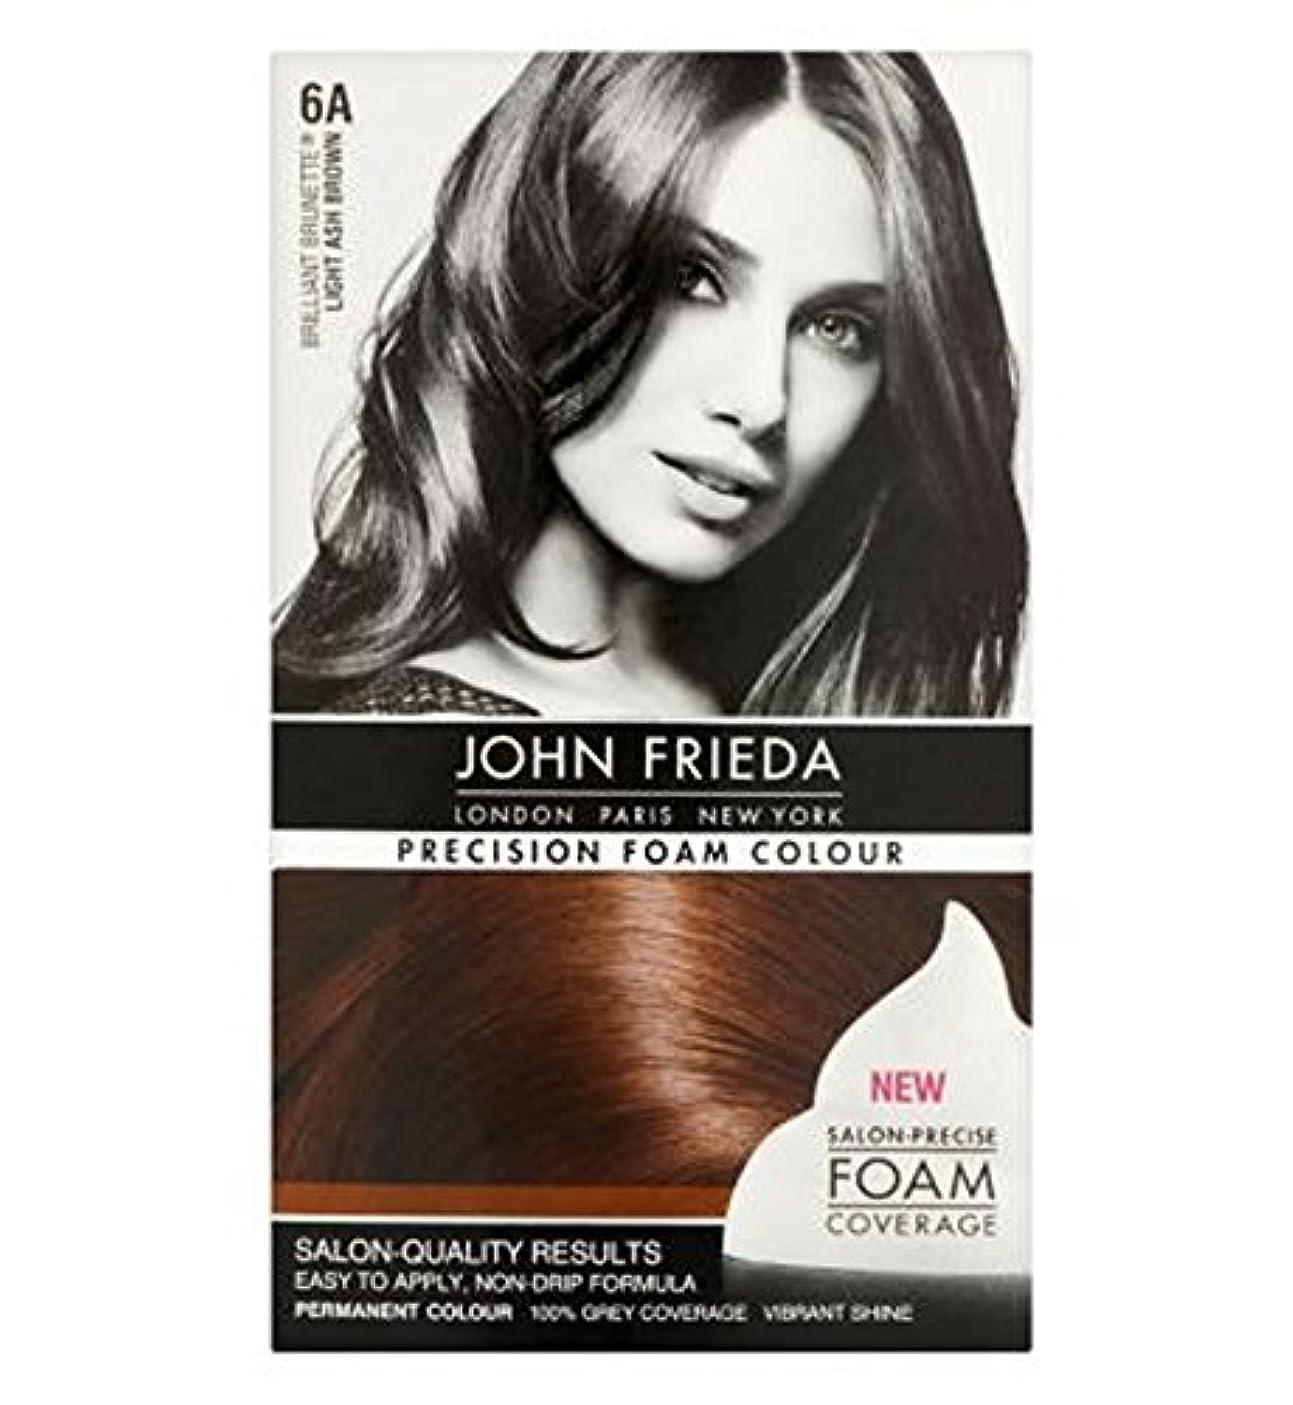 好意的メーカーシーズンジョン?フリーダ精密泡カラー6Aの光灰褐色 (John Frieda) (x2) - John Frieda Precision Foam Colour 6A Light Ash Brown (Pack of 2) [並行輸入品]